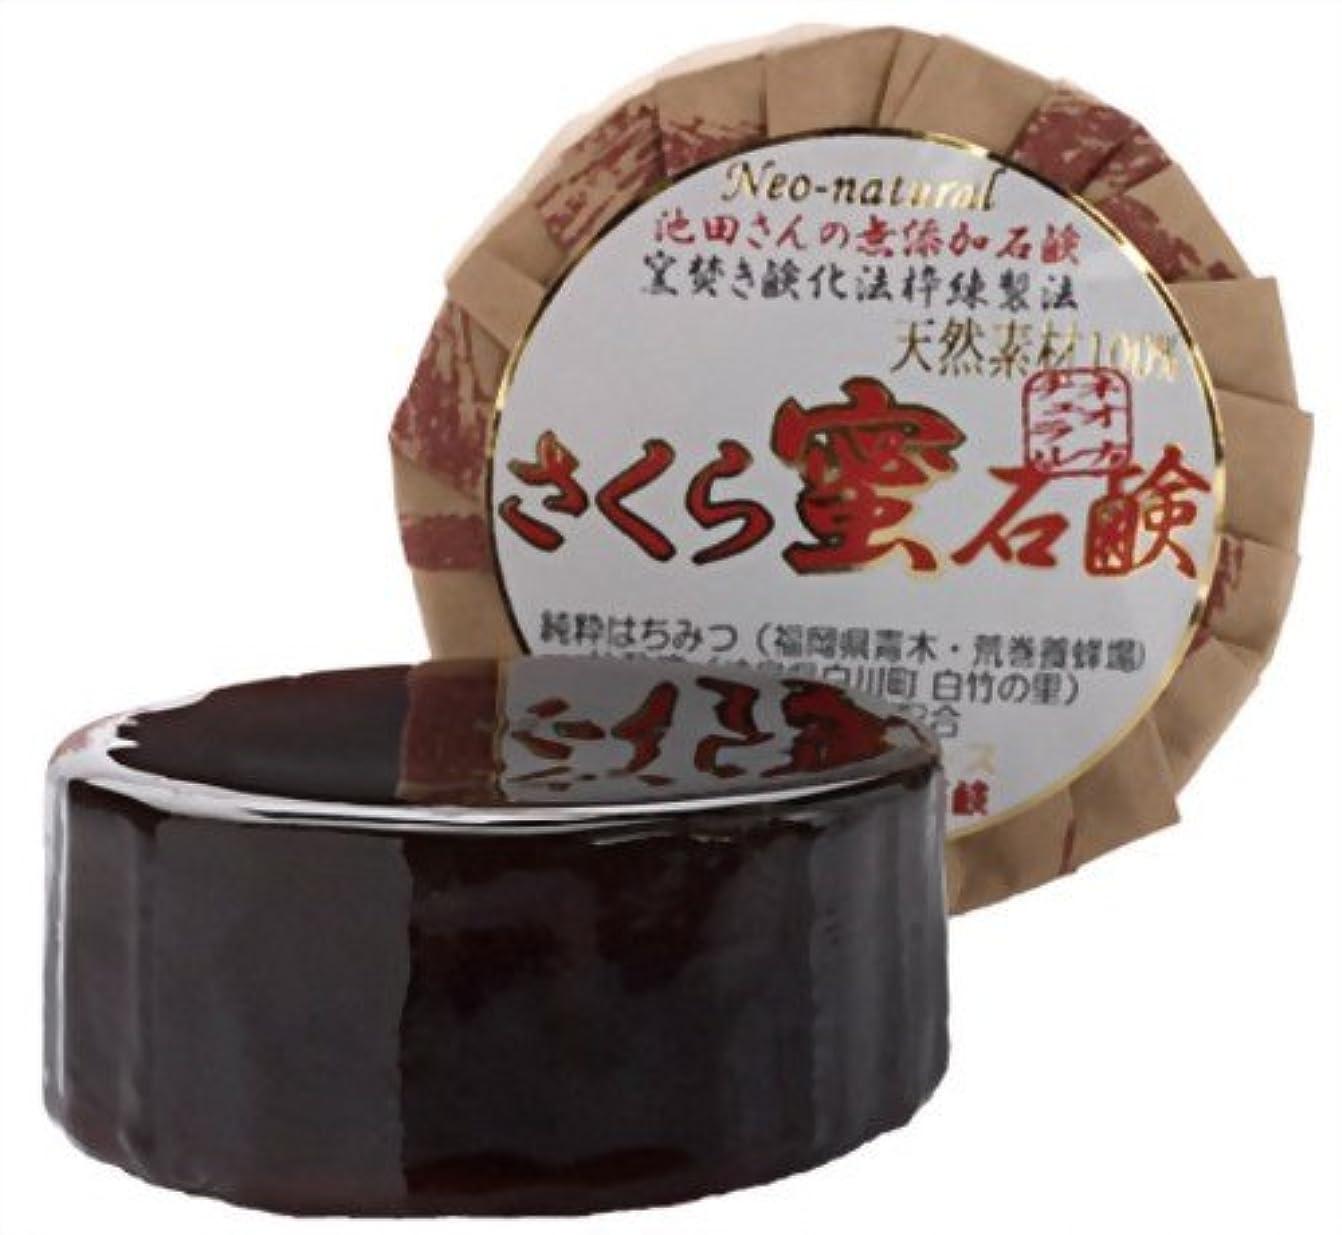 防ぐシガレット肯定的ネオナチュラル 池田さんのさくら蜜石鹸 105g